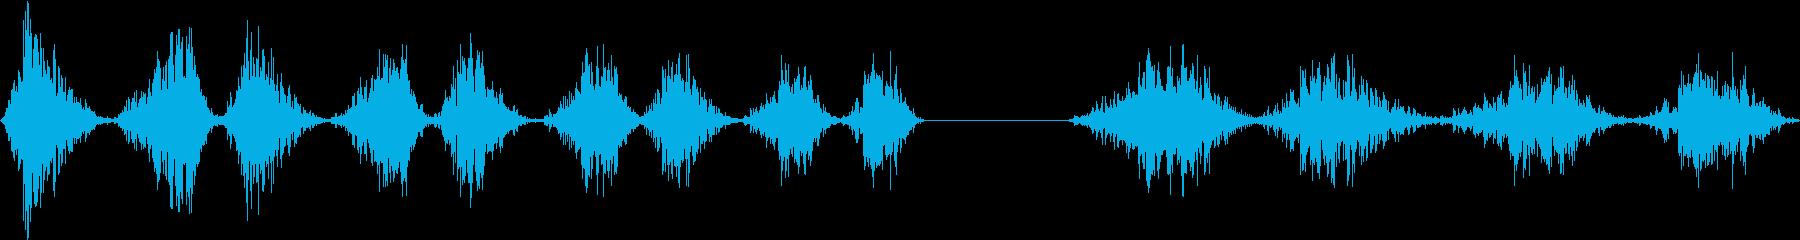 シートメタル、シリンダー、ローリン...の再生済みの波形